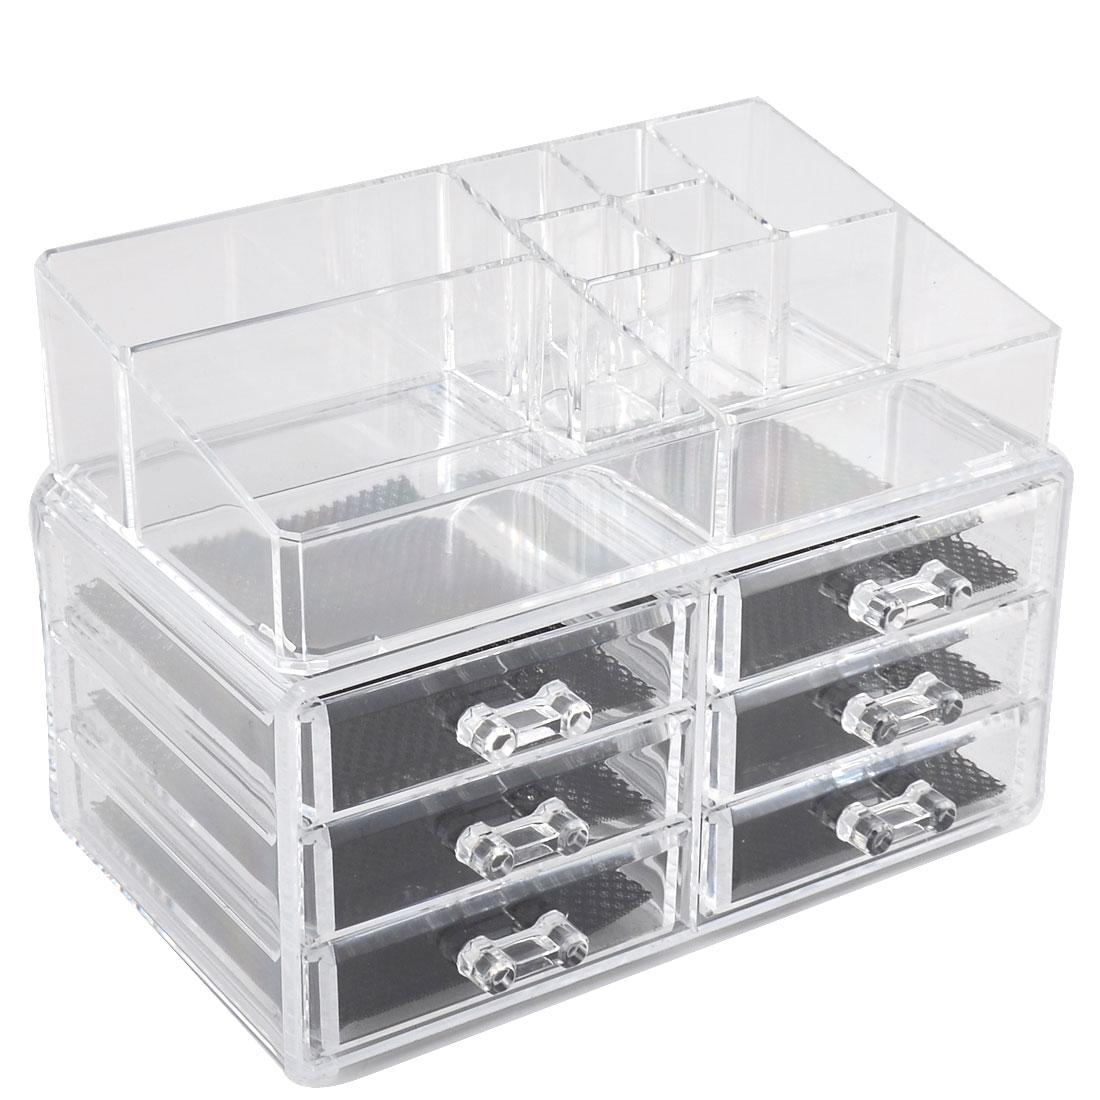 Acrylic 6-drawer Cosmetics Storage Box Case Jewelry Display Organizer Set 2 in 1